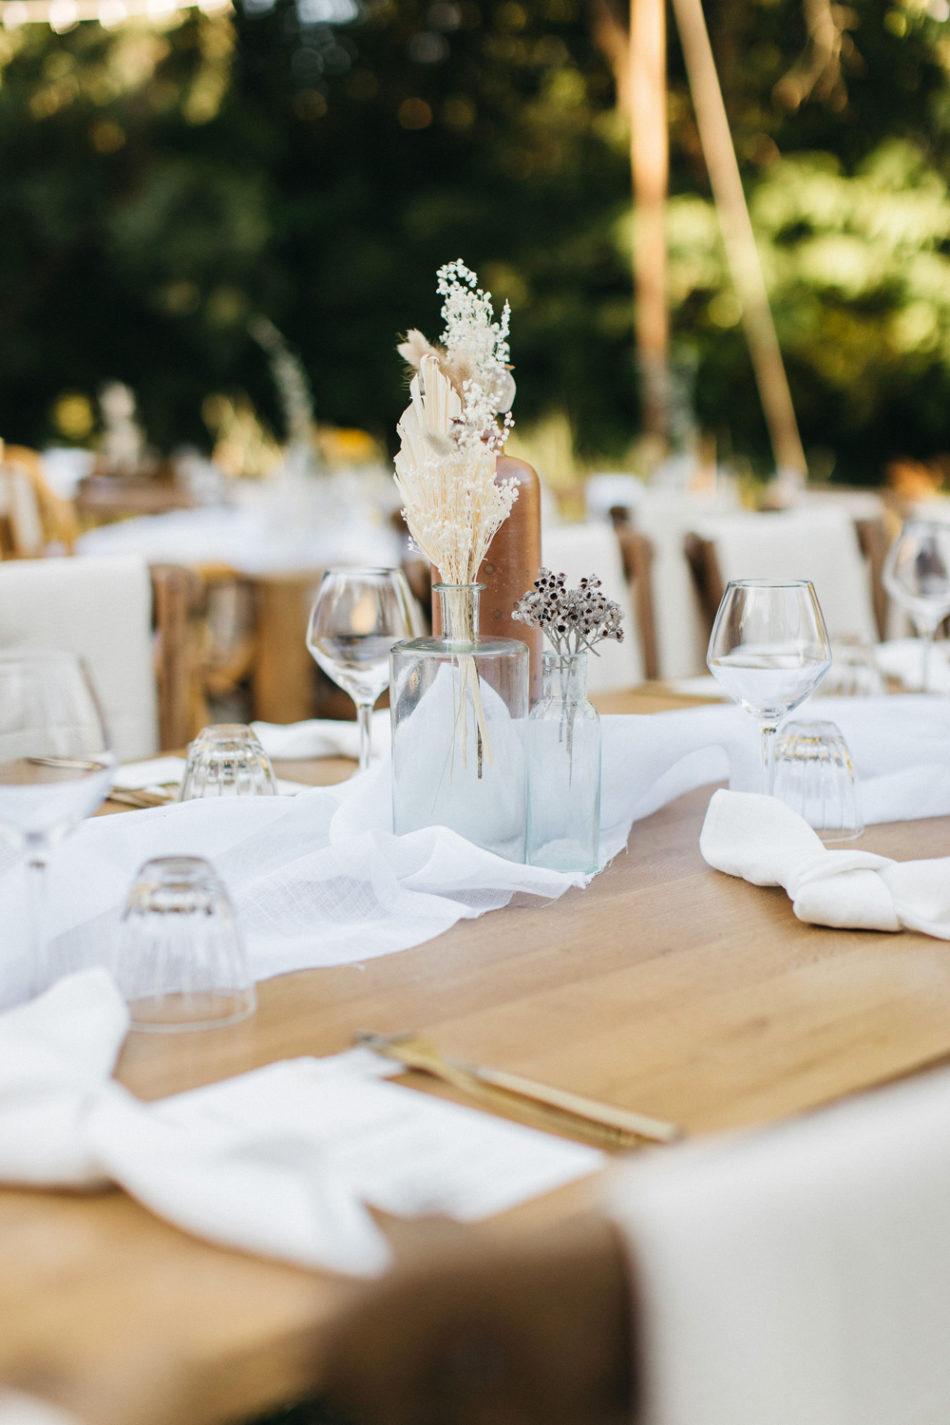 un mariage simple authentique, idée de deco de table en bois simple